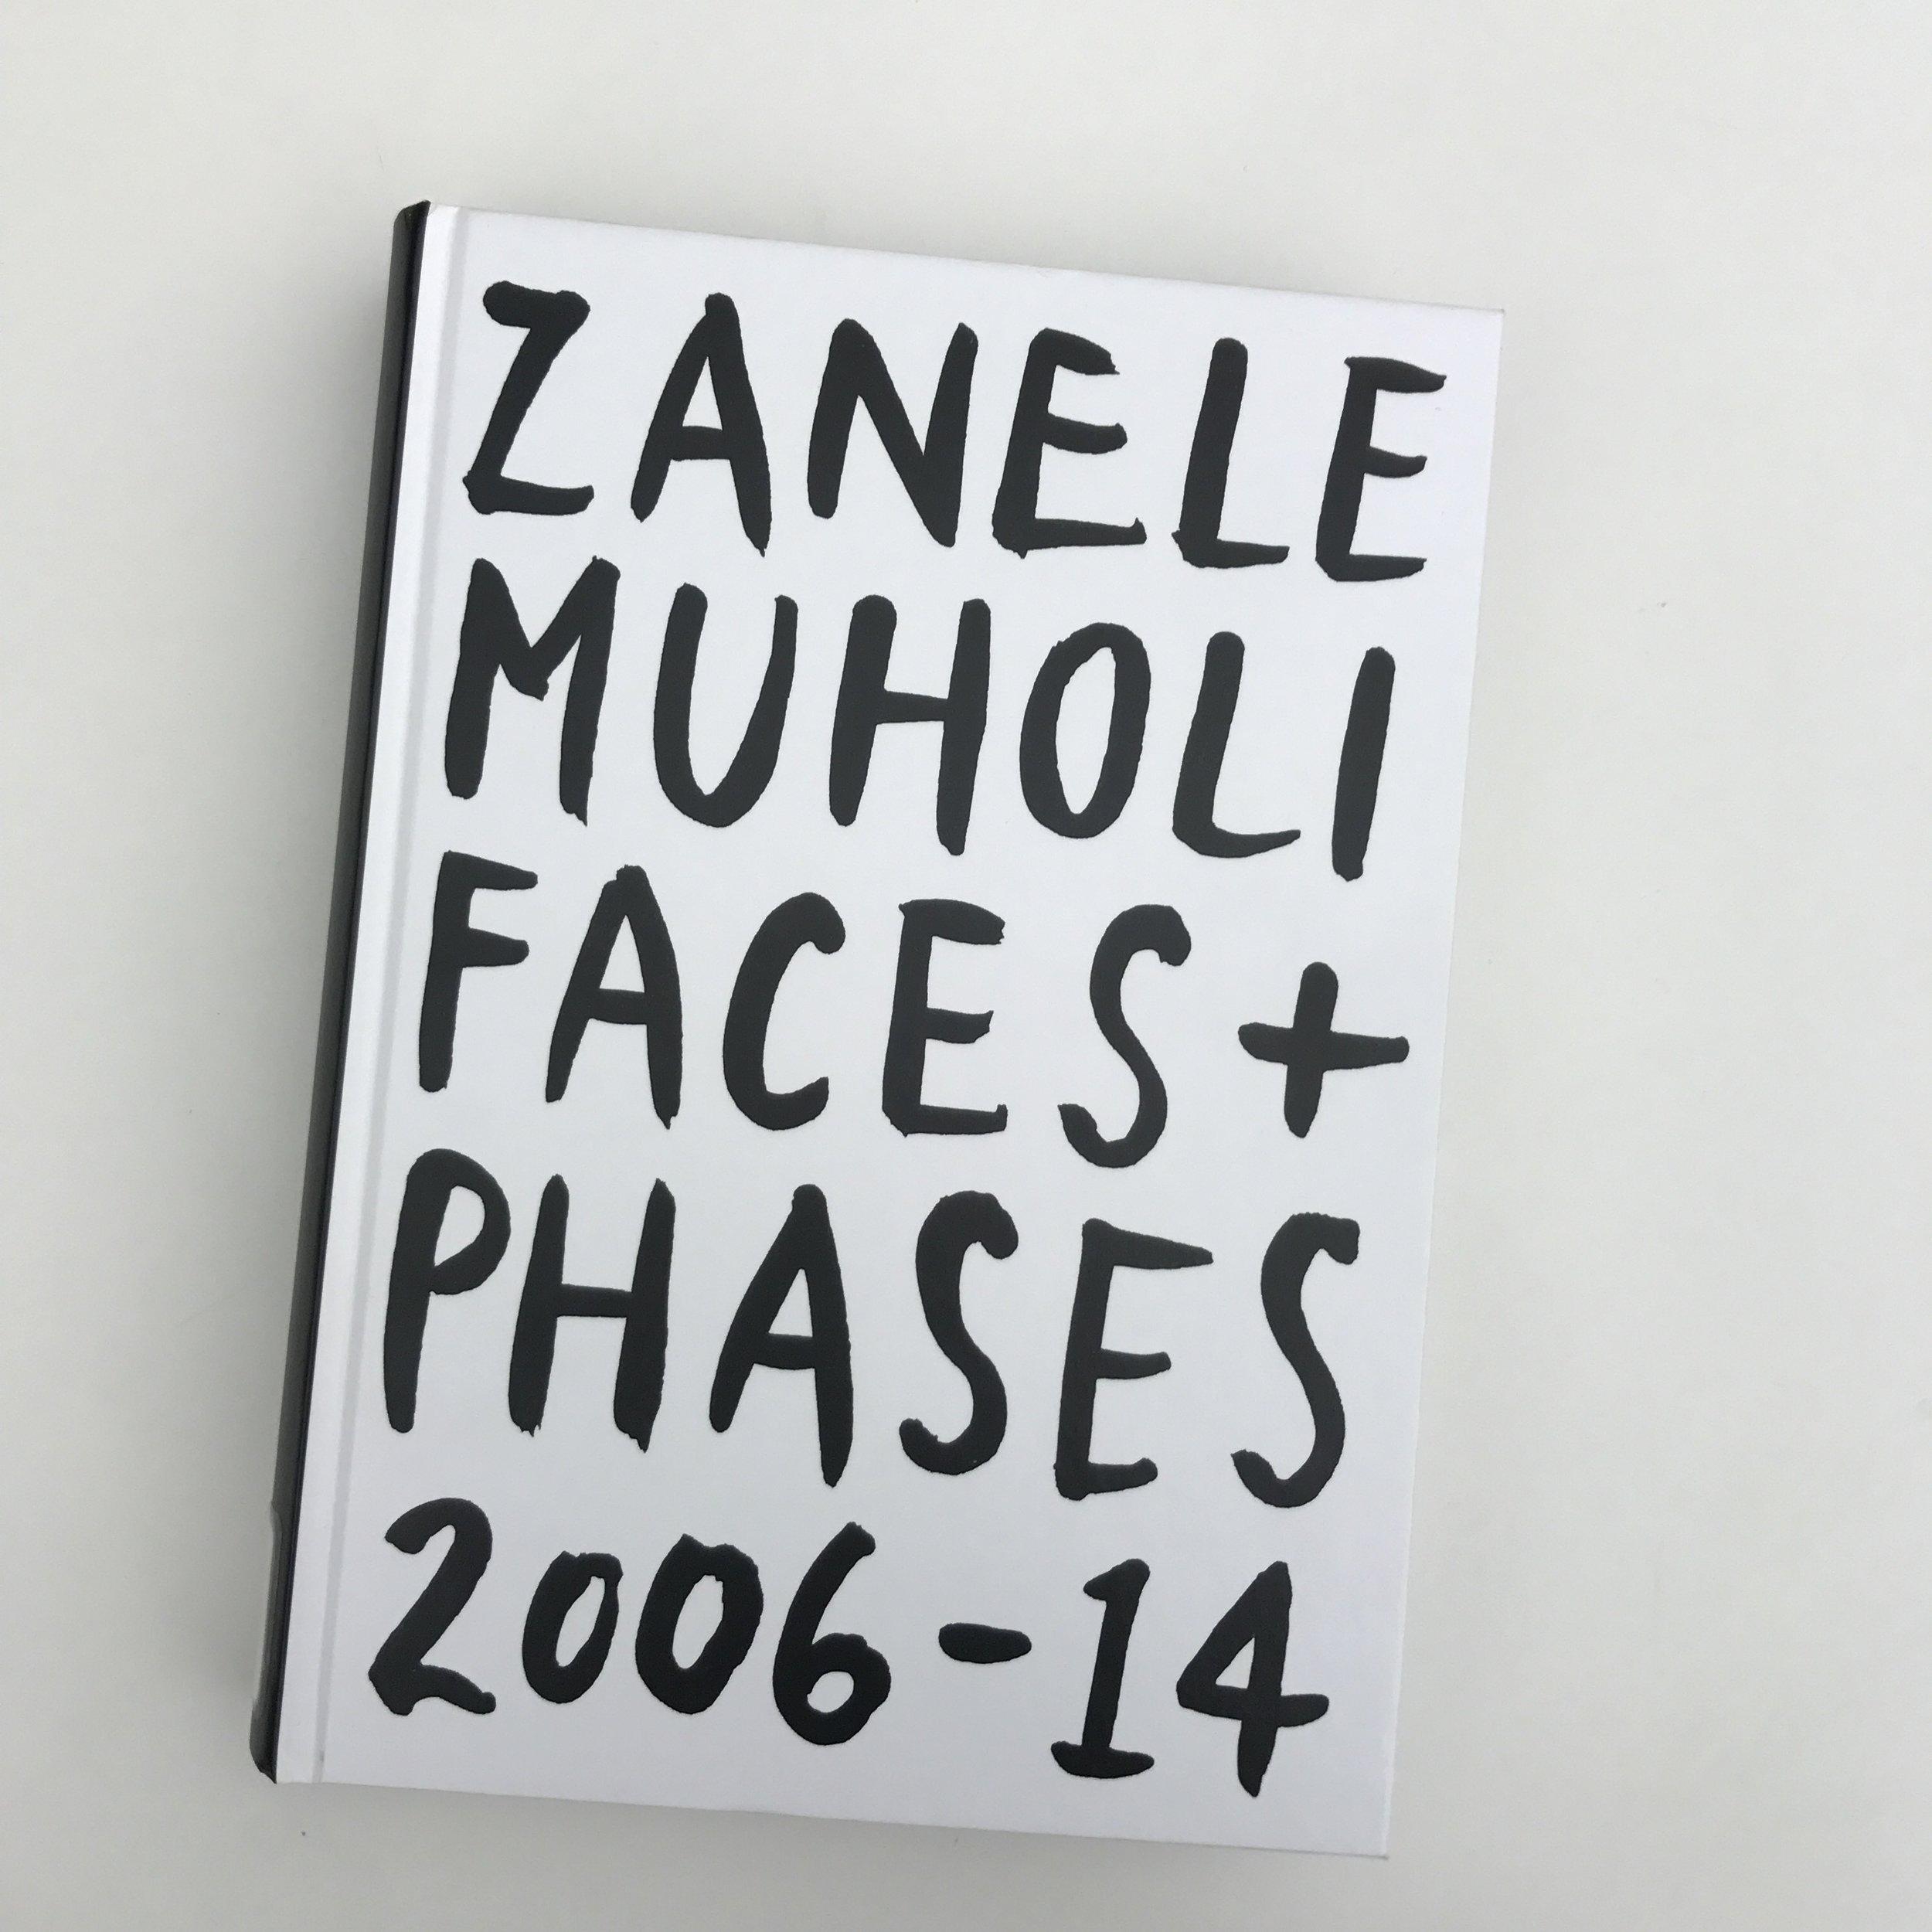 Faces + Phases by Zanele Muholi